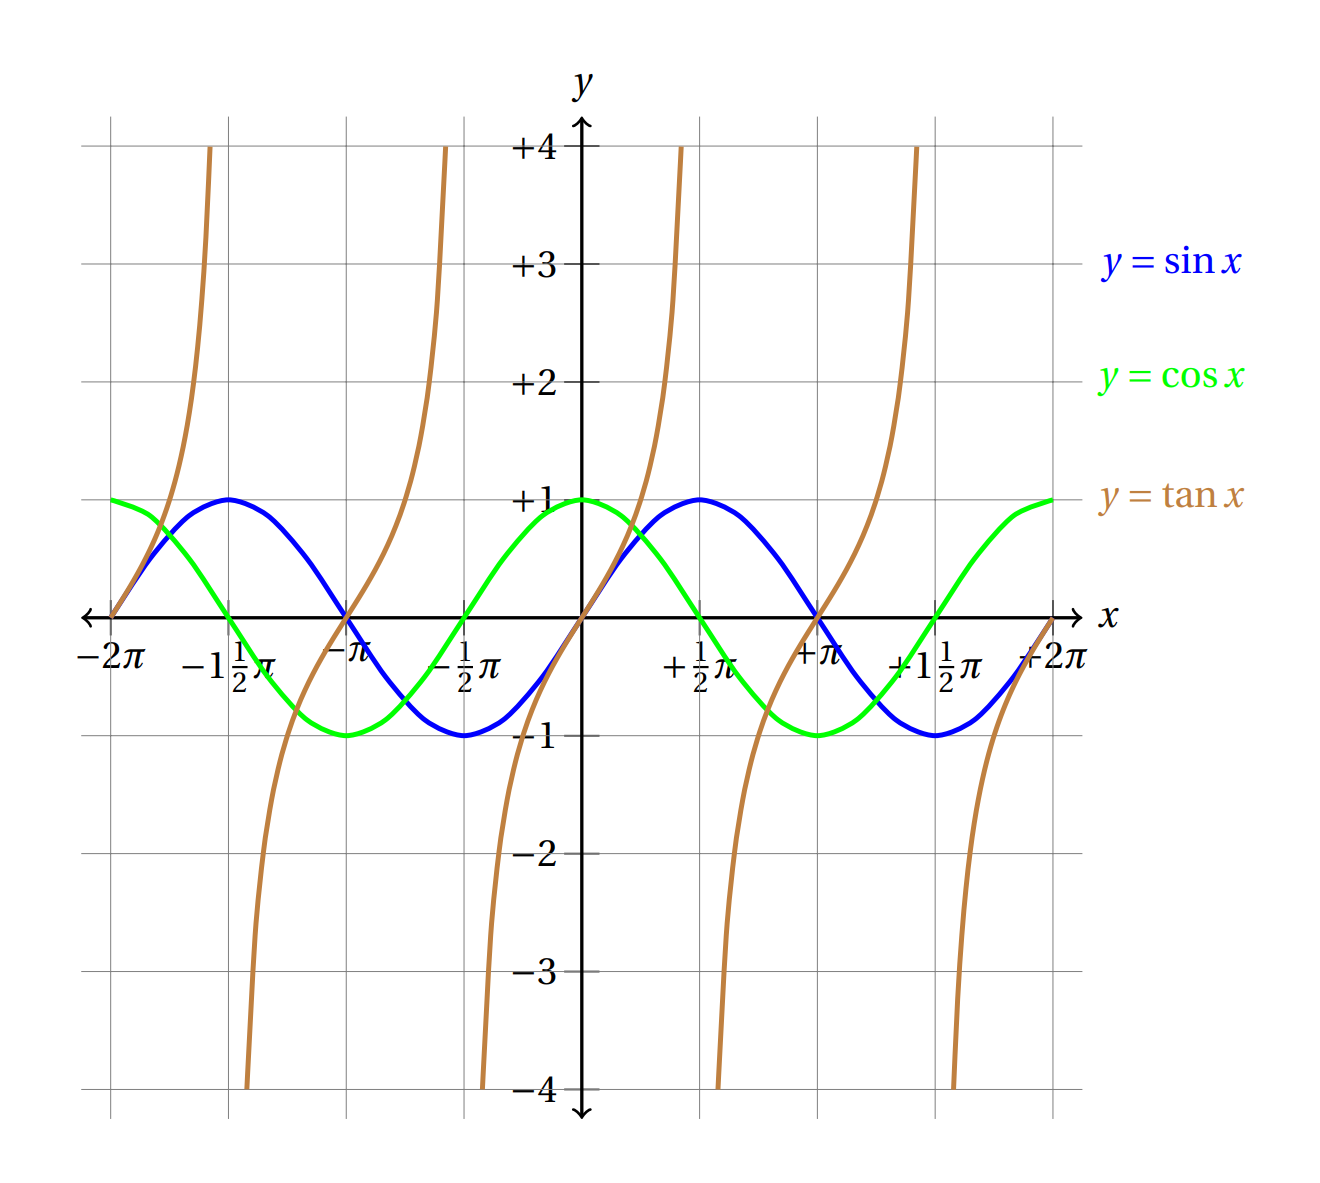 使用 TikZ 和 PGFPlot 绘制常见三角函数图